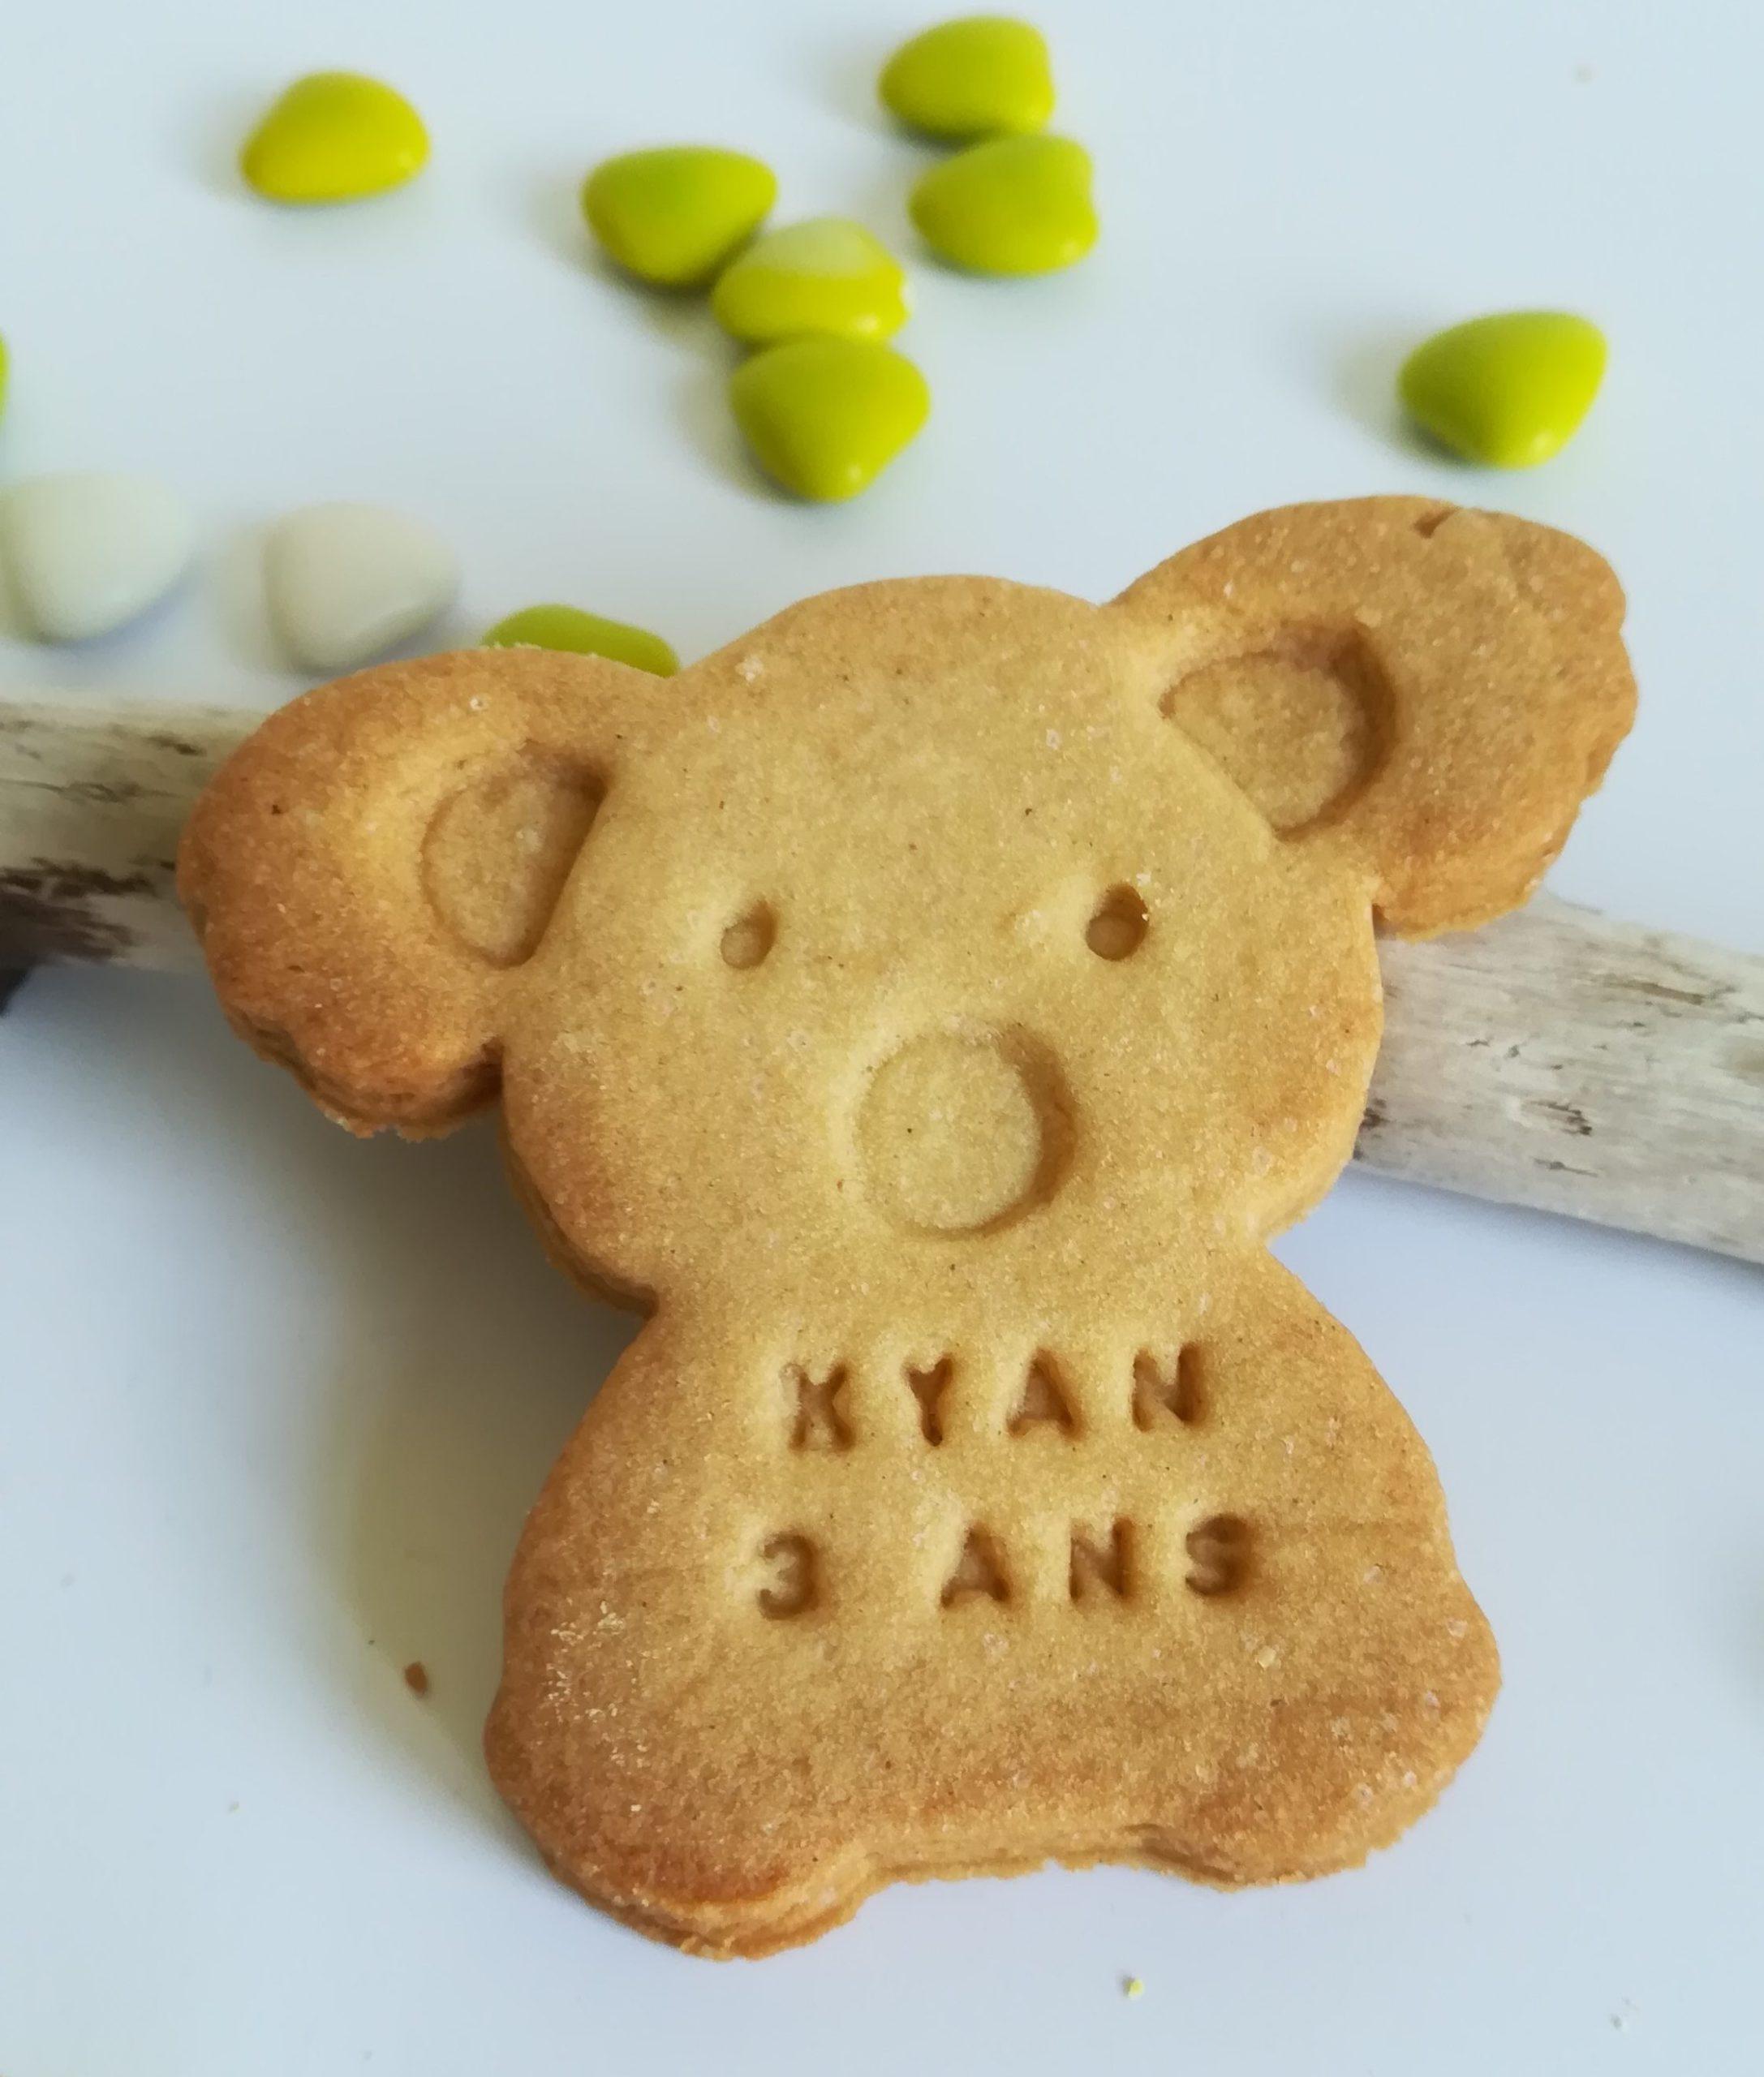 biscuit personnalisé koala